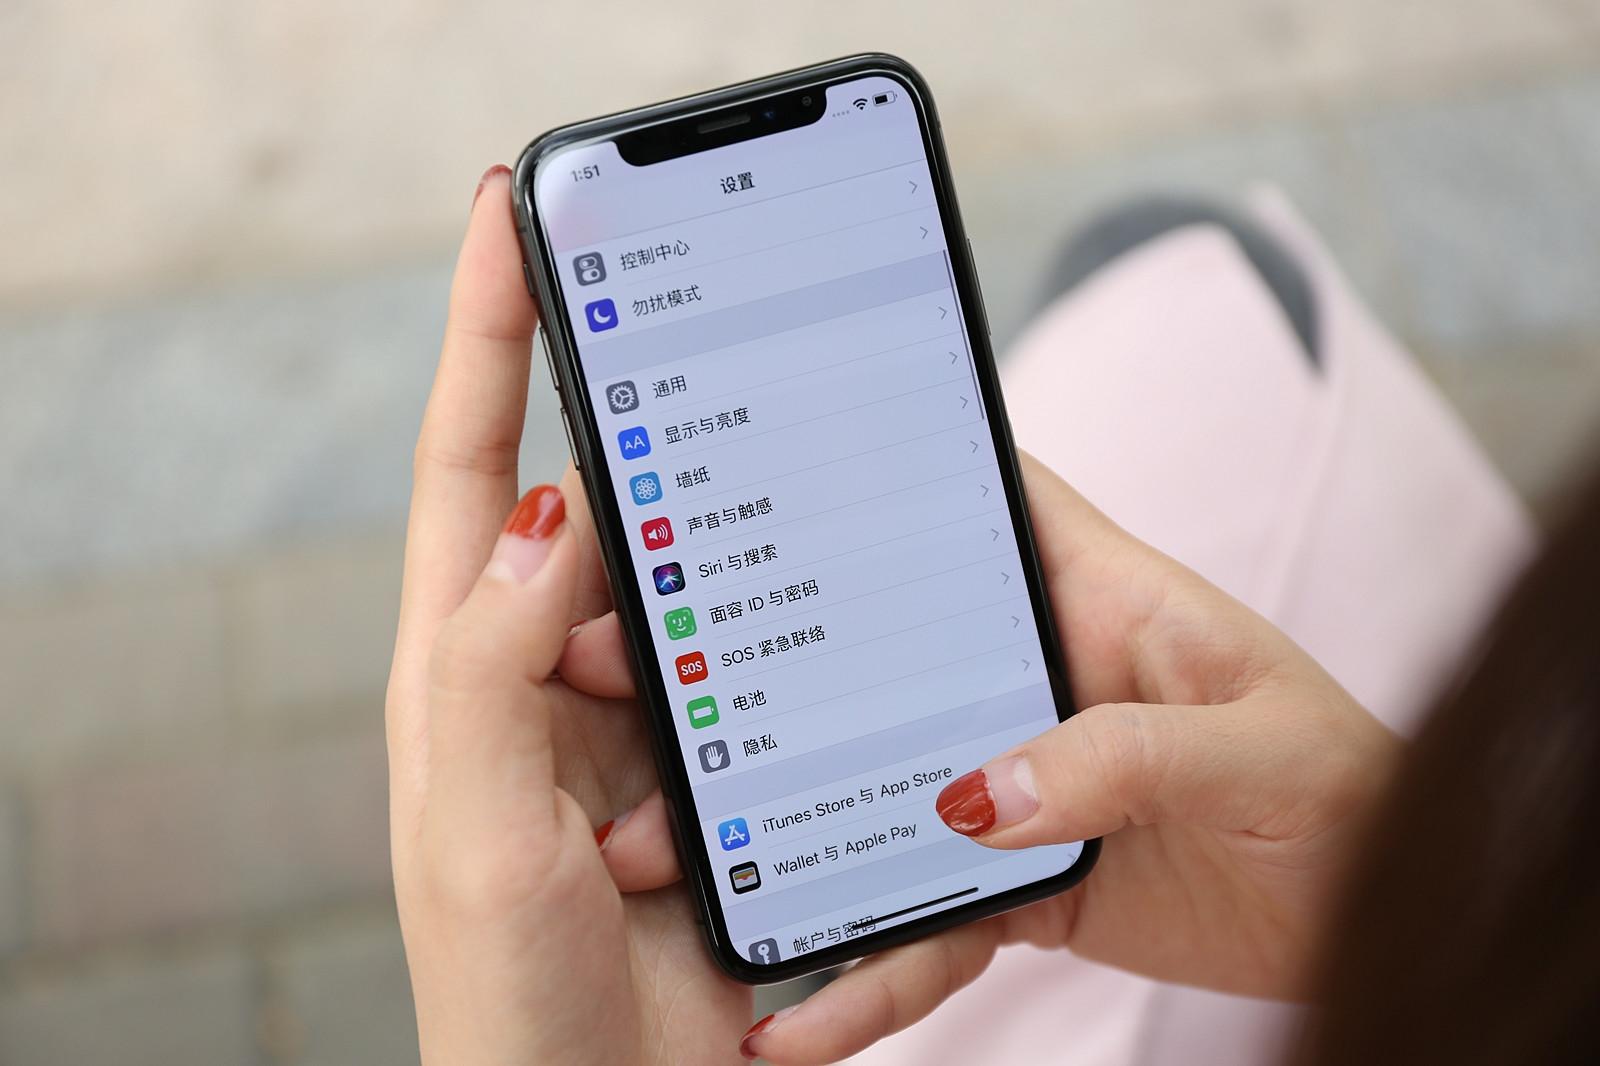 曝iPhone X将停产!史上淘汰最快的iPhone